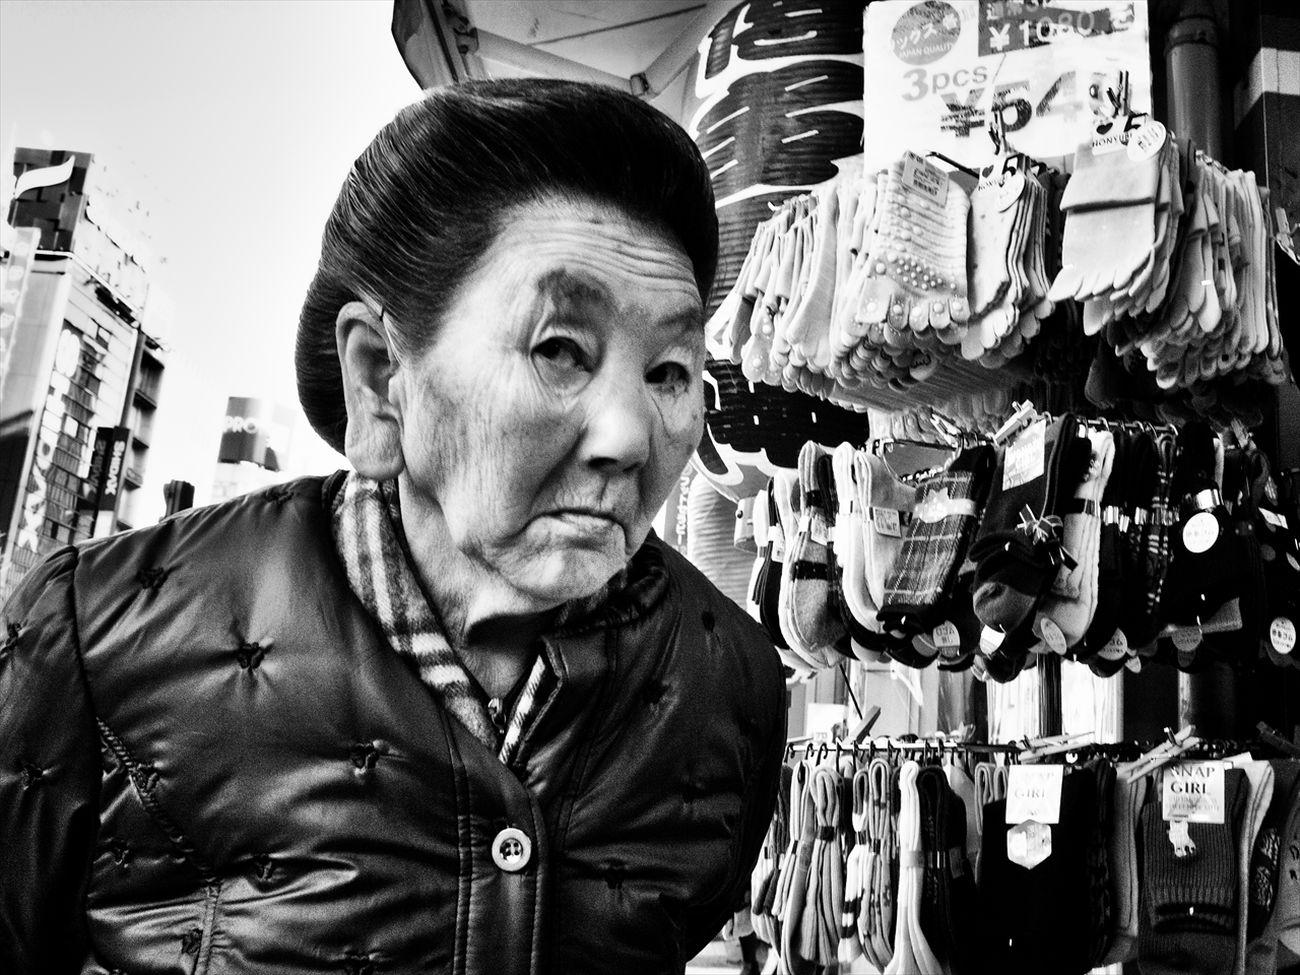 トーキョー・ブルース ~Tokyo Blues~ 新宿 Shinjyuku #1 Shibuya SHINJYUKU Sting_the_street Street Street Photography Streetphoto Streetphoto_bw Streetphotographer Streetphotographers Streetphotography Streetphotography_bw Tokyo Tokyo Street Photography Tokyo,Japan